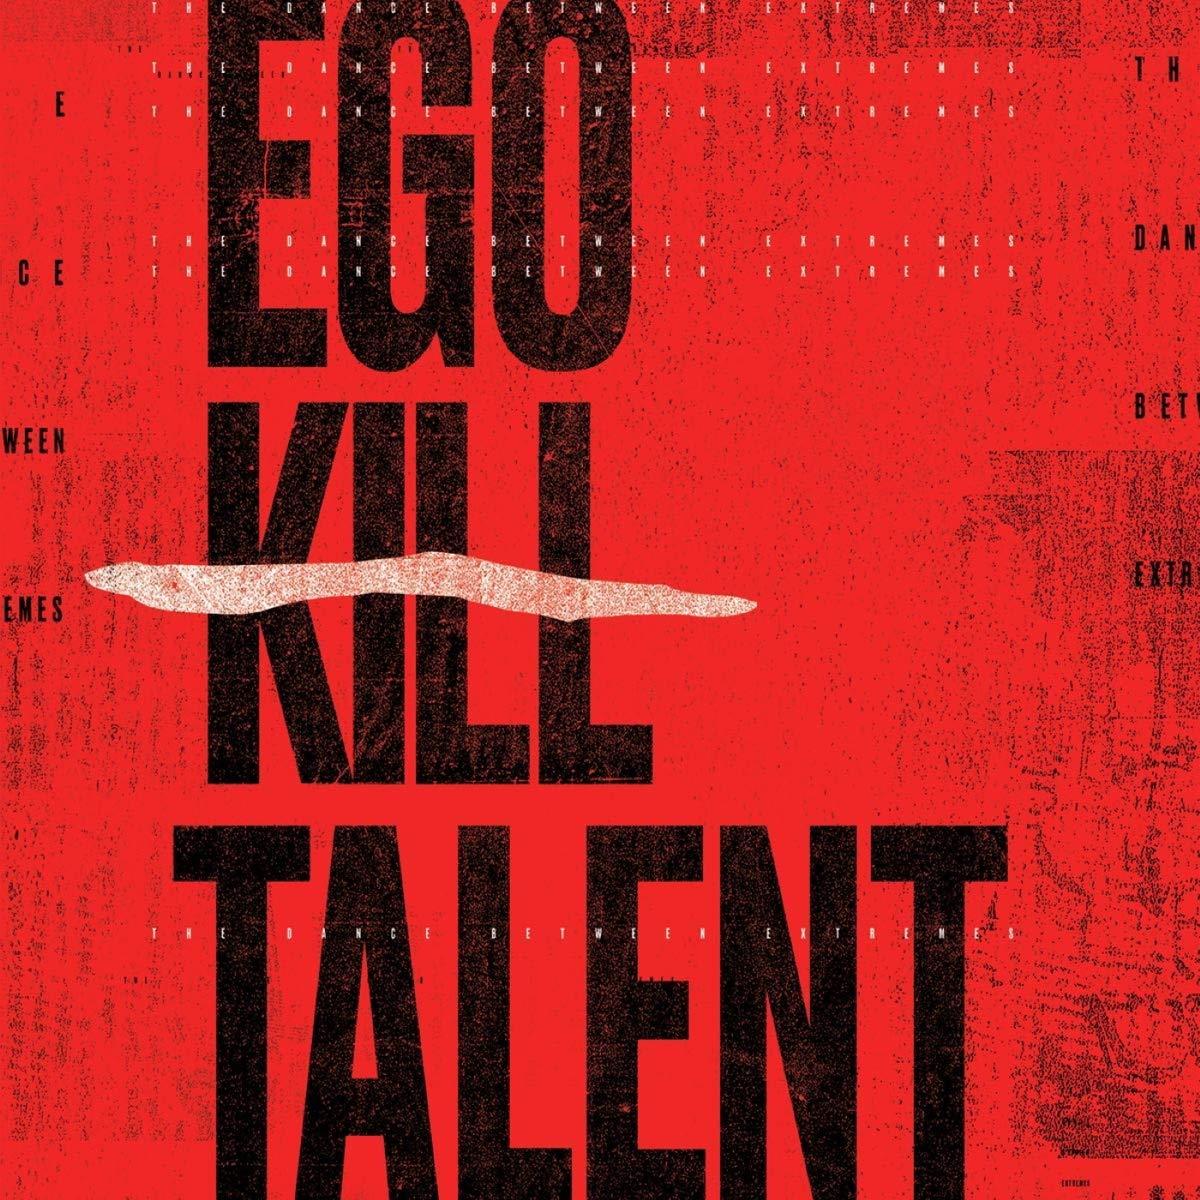 """Auf dem Album von The """"Dance Between Extremes"""" steht der Bandname """"Ego Kill Talent"""" mit großen schwarzen Buchstaben auf einem roten Hintergrund"""